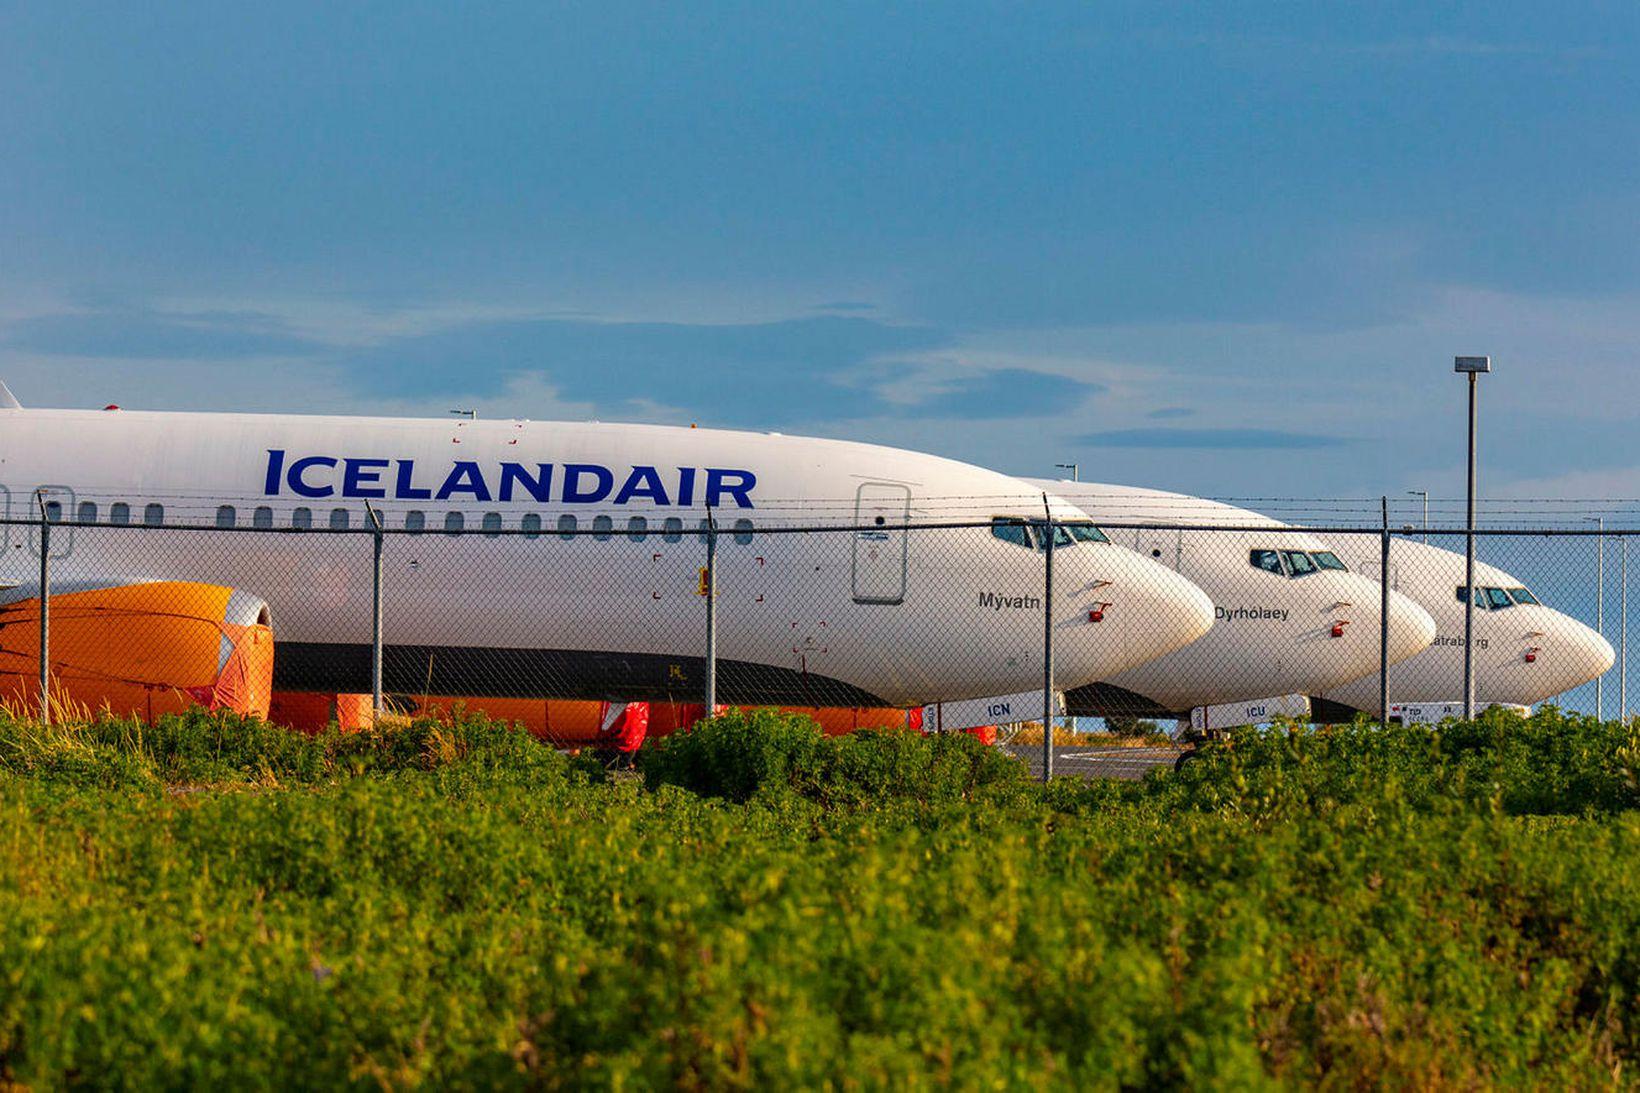 Max þotur kyrrsettar á Keflavíkurvelli. Icelandair vill losna undan kaupskyldu …